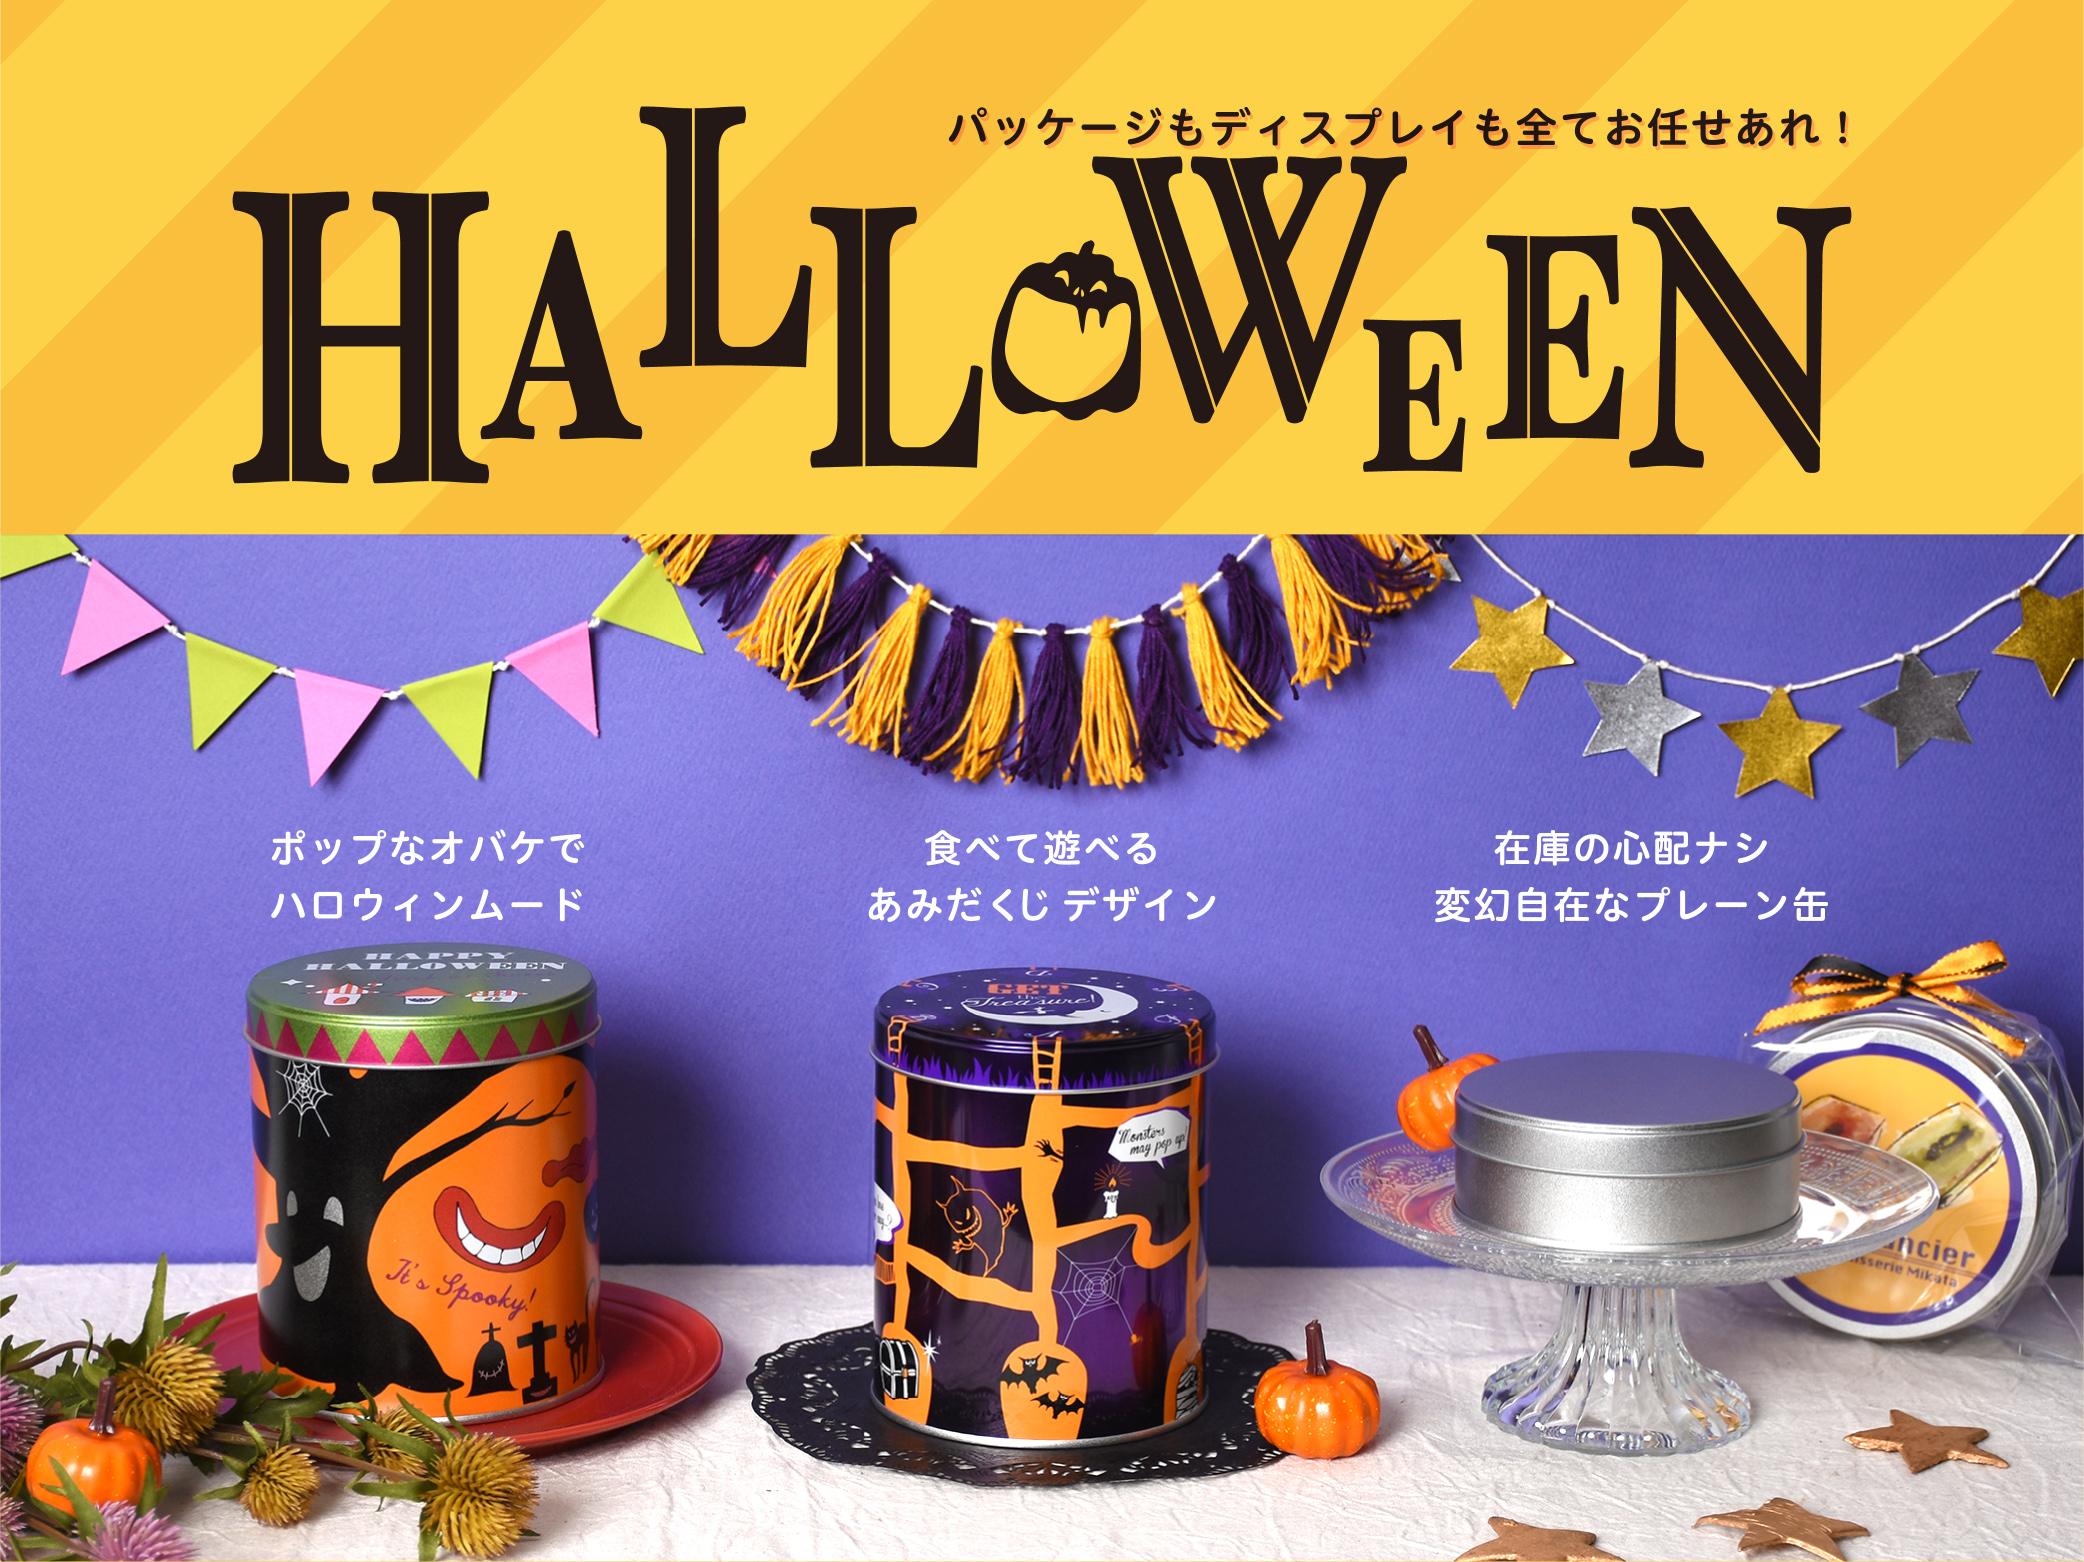 ハロウィンのお菓子缶 〜スマイル缶・トレジャー缶・プレーン缶〜